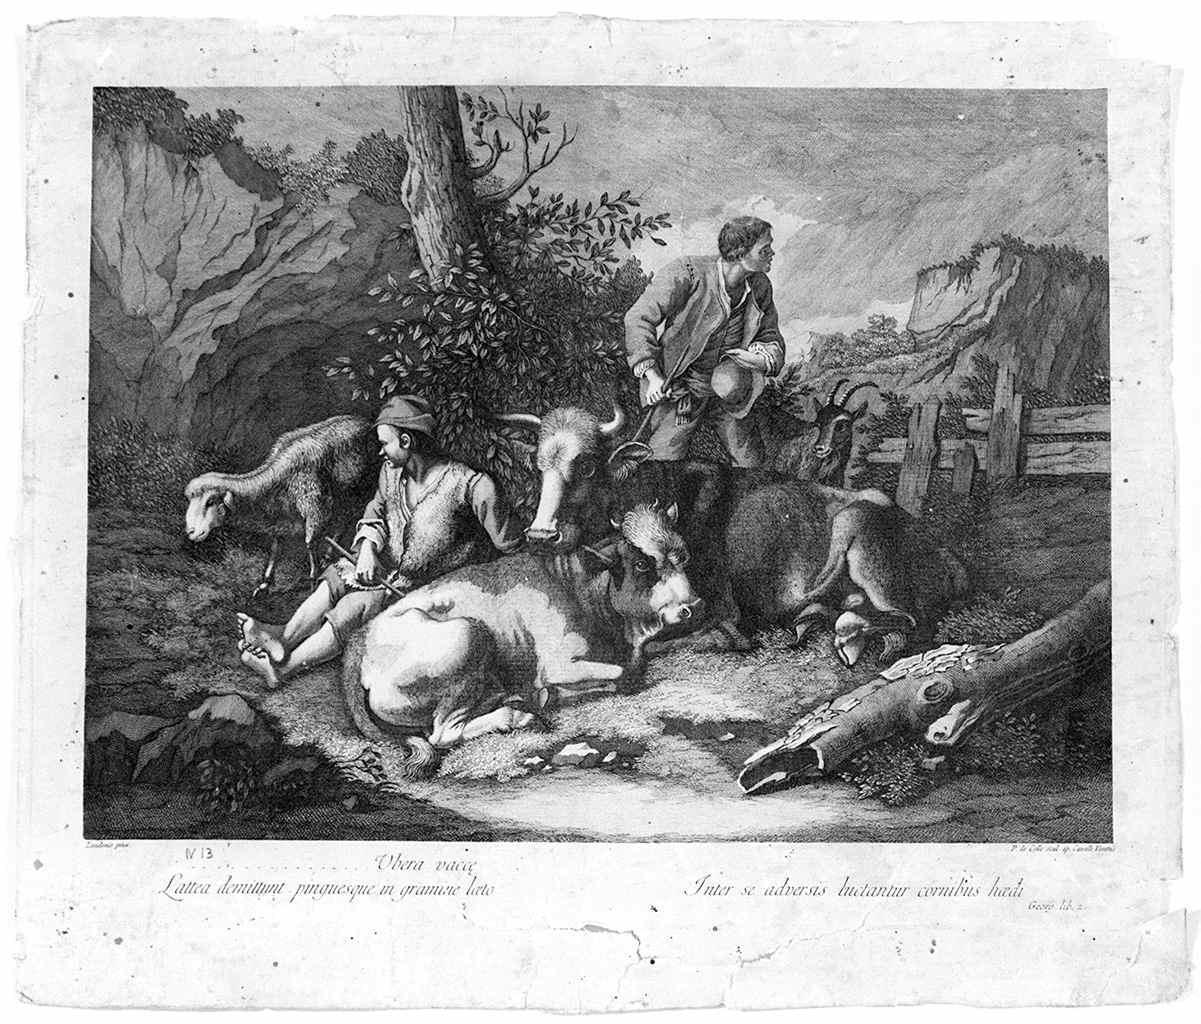 scena pastorale con pastore addormentato (stampa, serie) di Del Colle Pellegrino, Londonio Francesco (fine sec. XVIII)